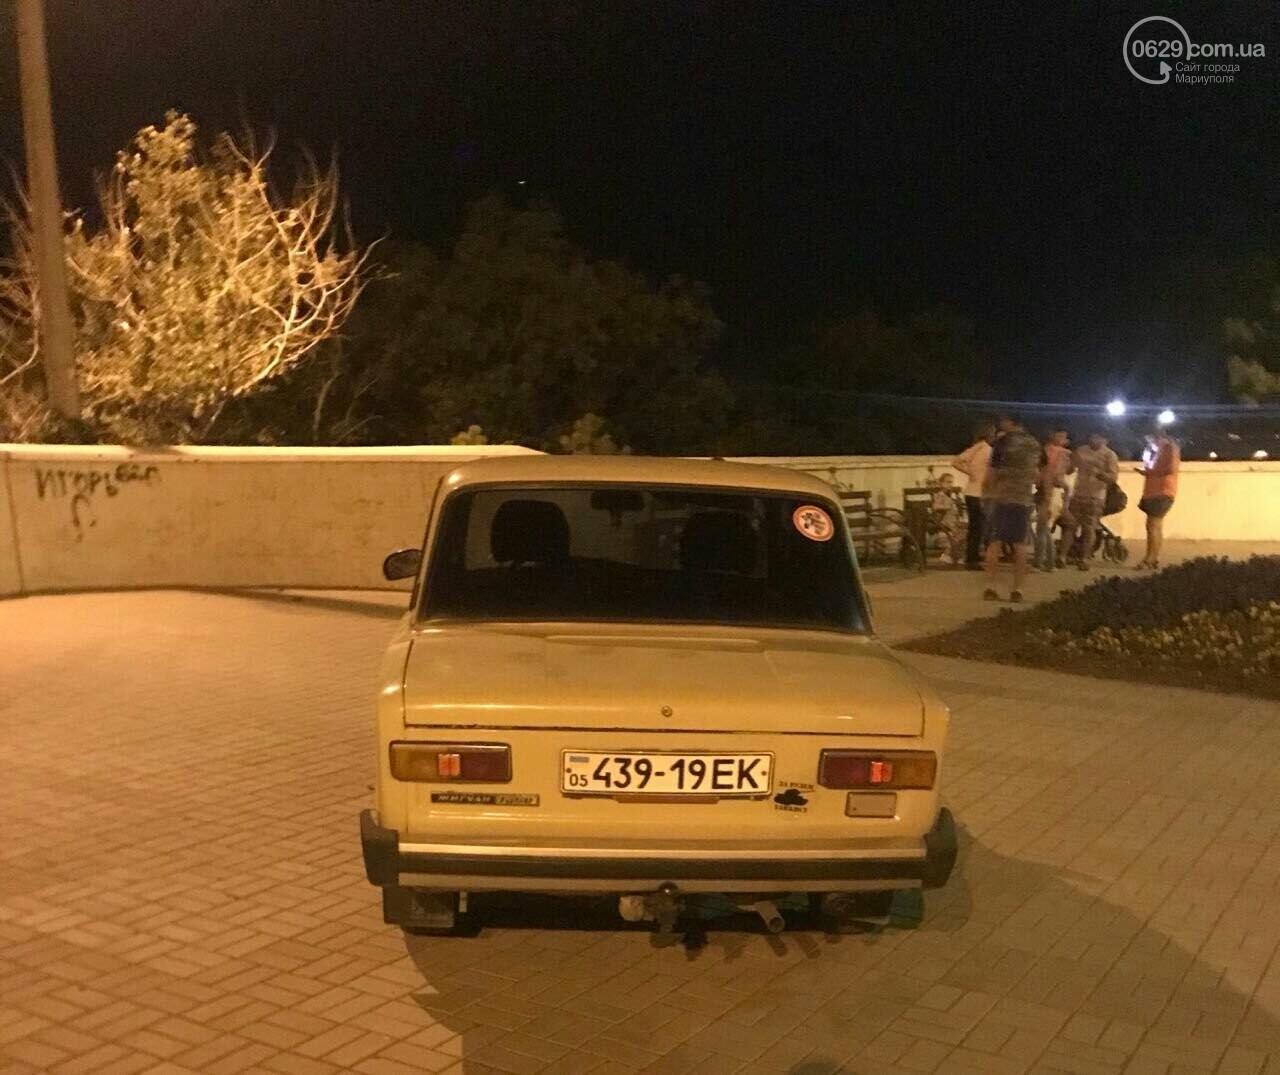 В Мариуполе водитель на ВАЗ устроил гонки и едва не сбил ребенка, - ФОТО, фото-1